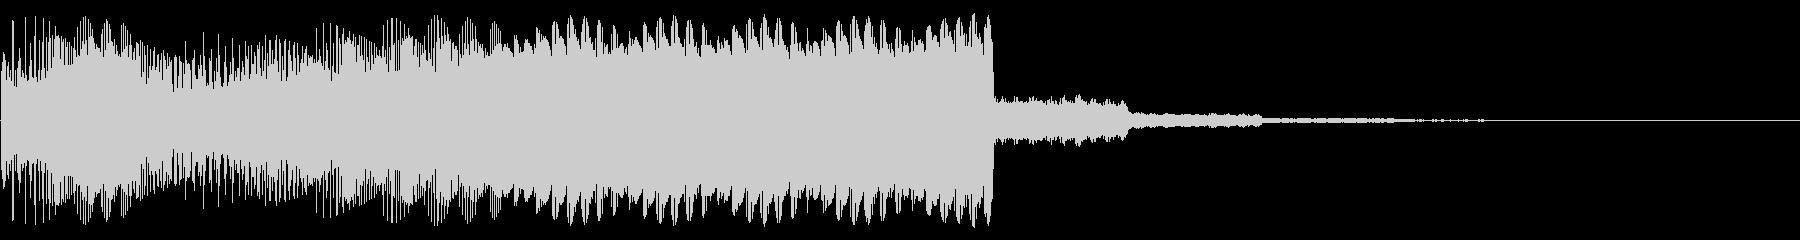 遊技機で使う和声を用いた確定、激熱音の未再生の波形